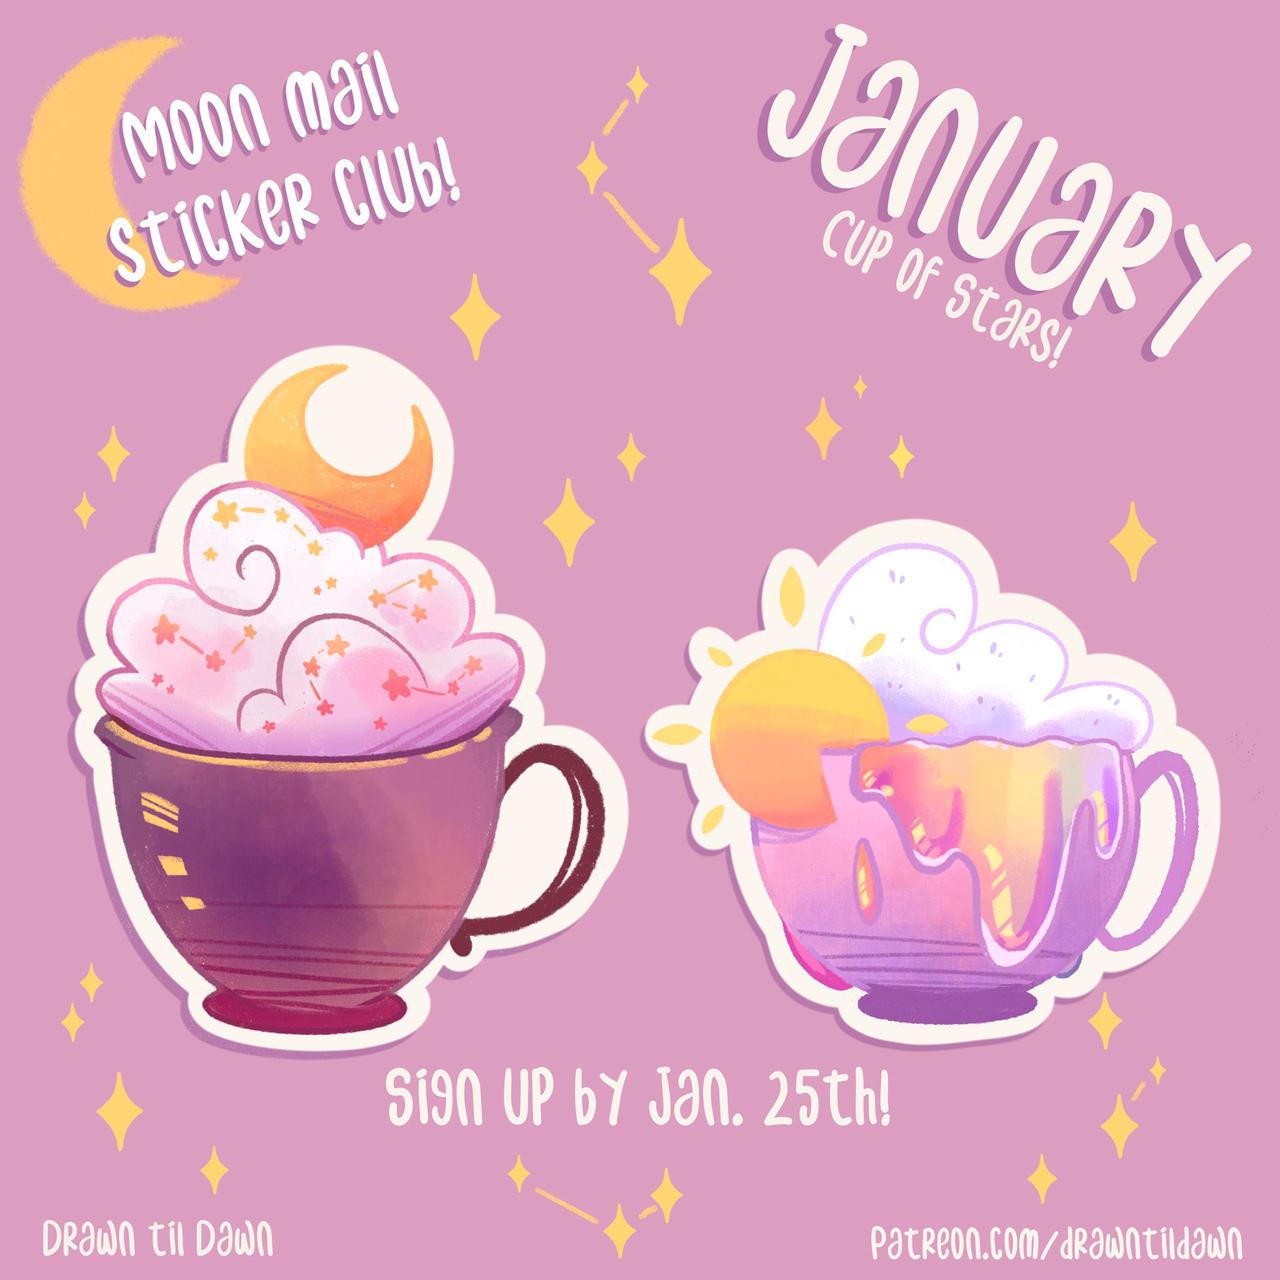 Moon Mail Sticker Club: January